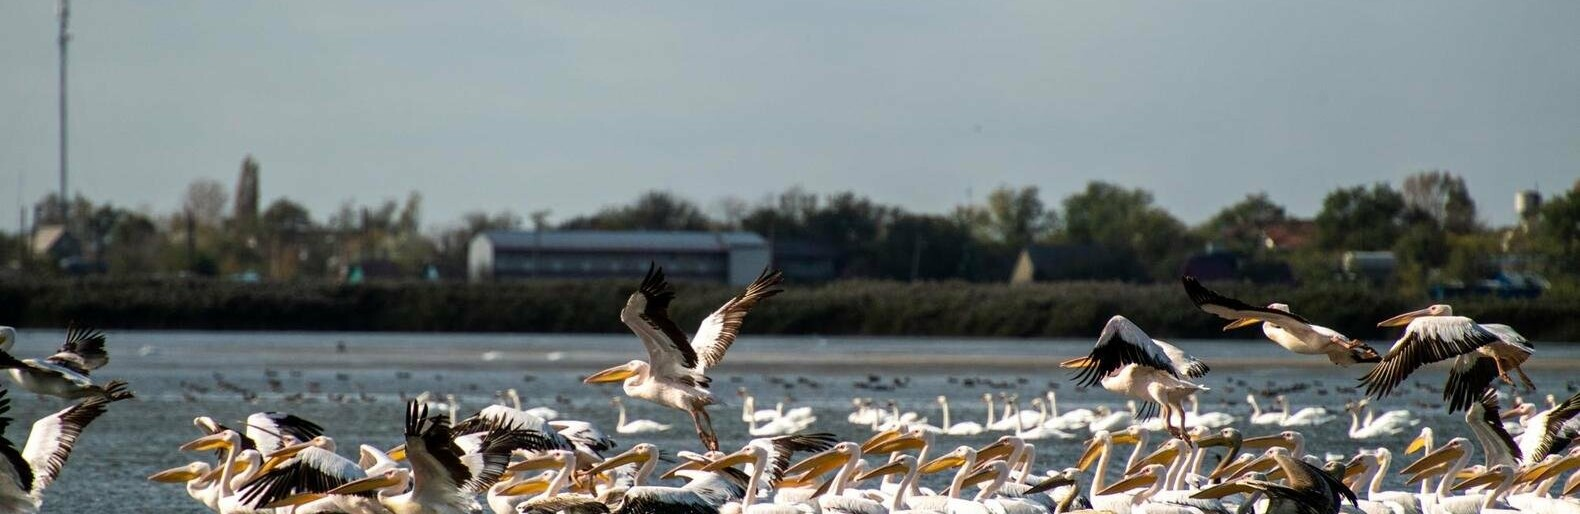 В Одесском зоопарке спасают пеликана, - ФОТО0